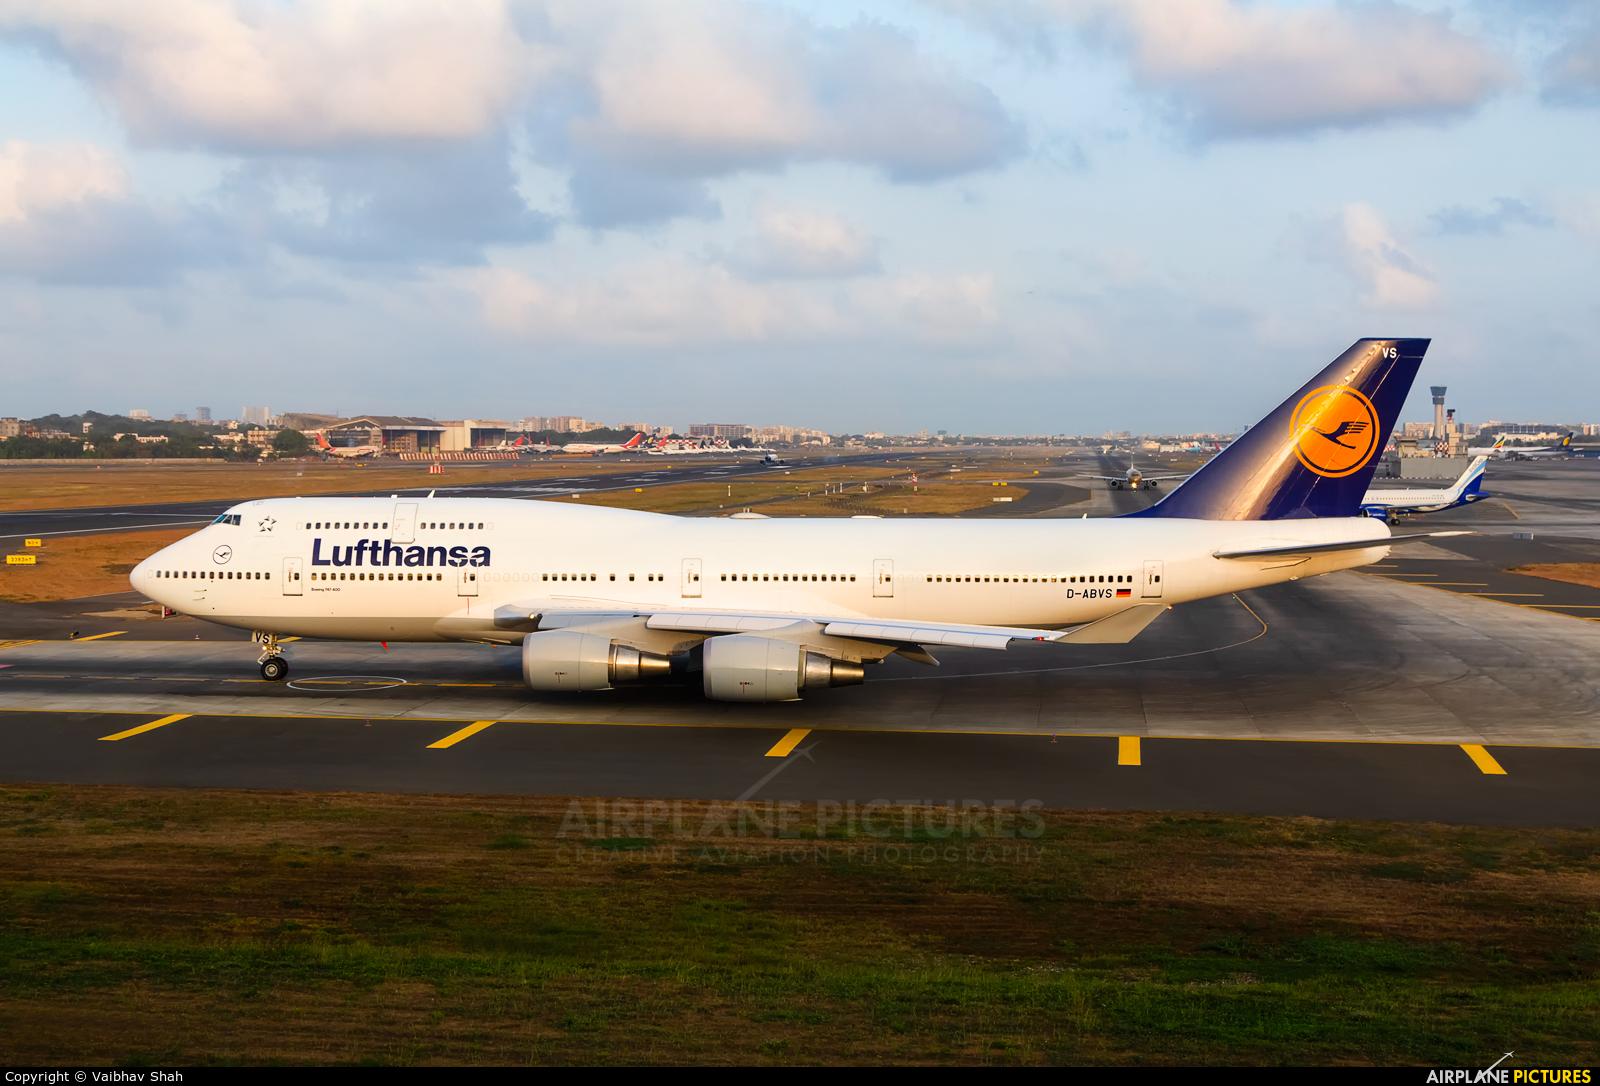 Lufthansa D-ABVS aircraft at Mumbai - Chhatrapati Shivaji Intl